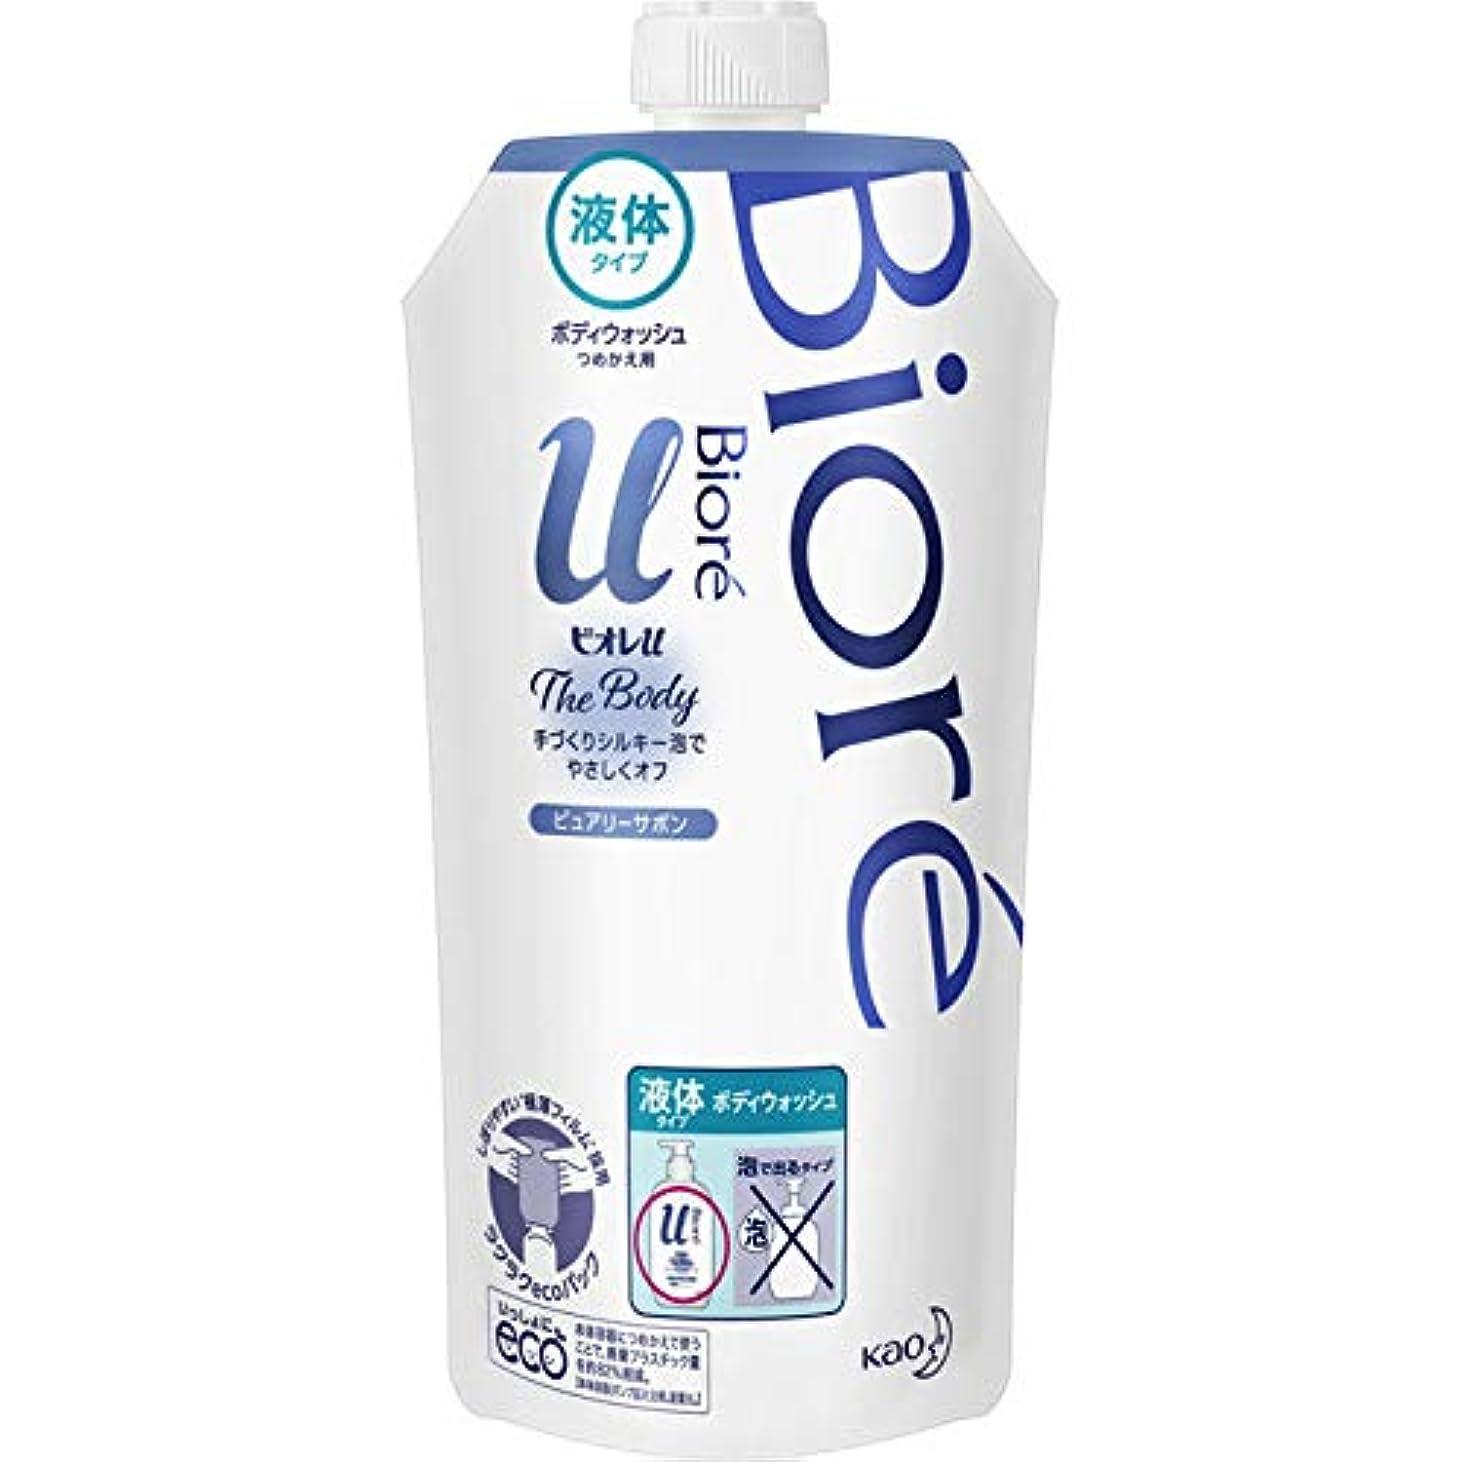 比べるアルファベット順からに変化する花王 ビオレu ザ ボディ液体ピュアリーサボンの香り 詰替え用 340ml